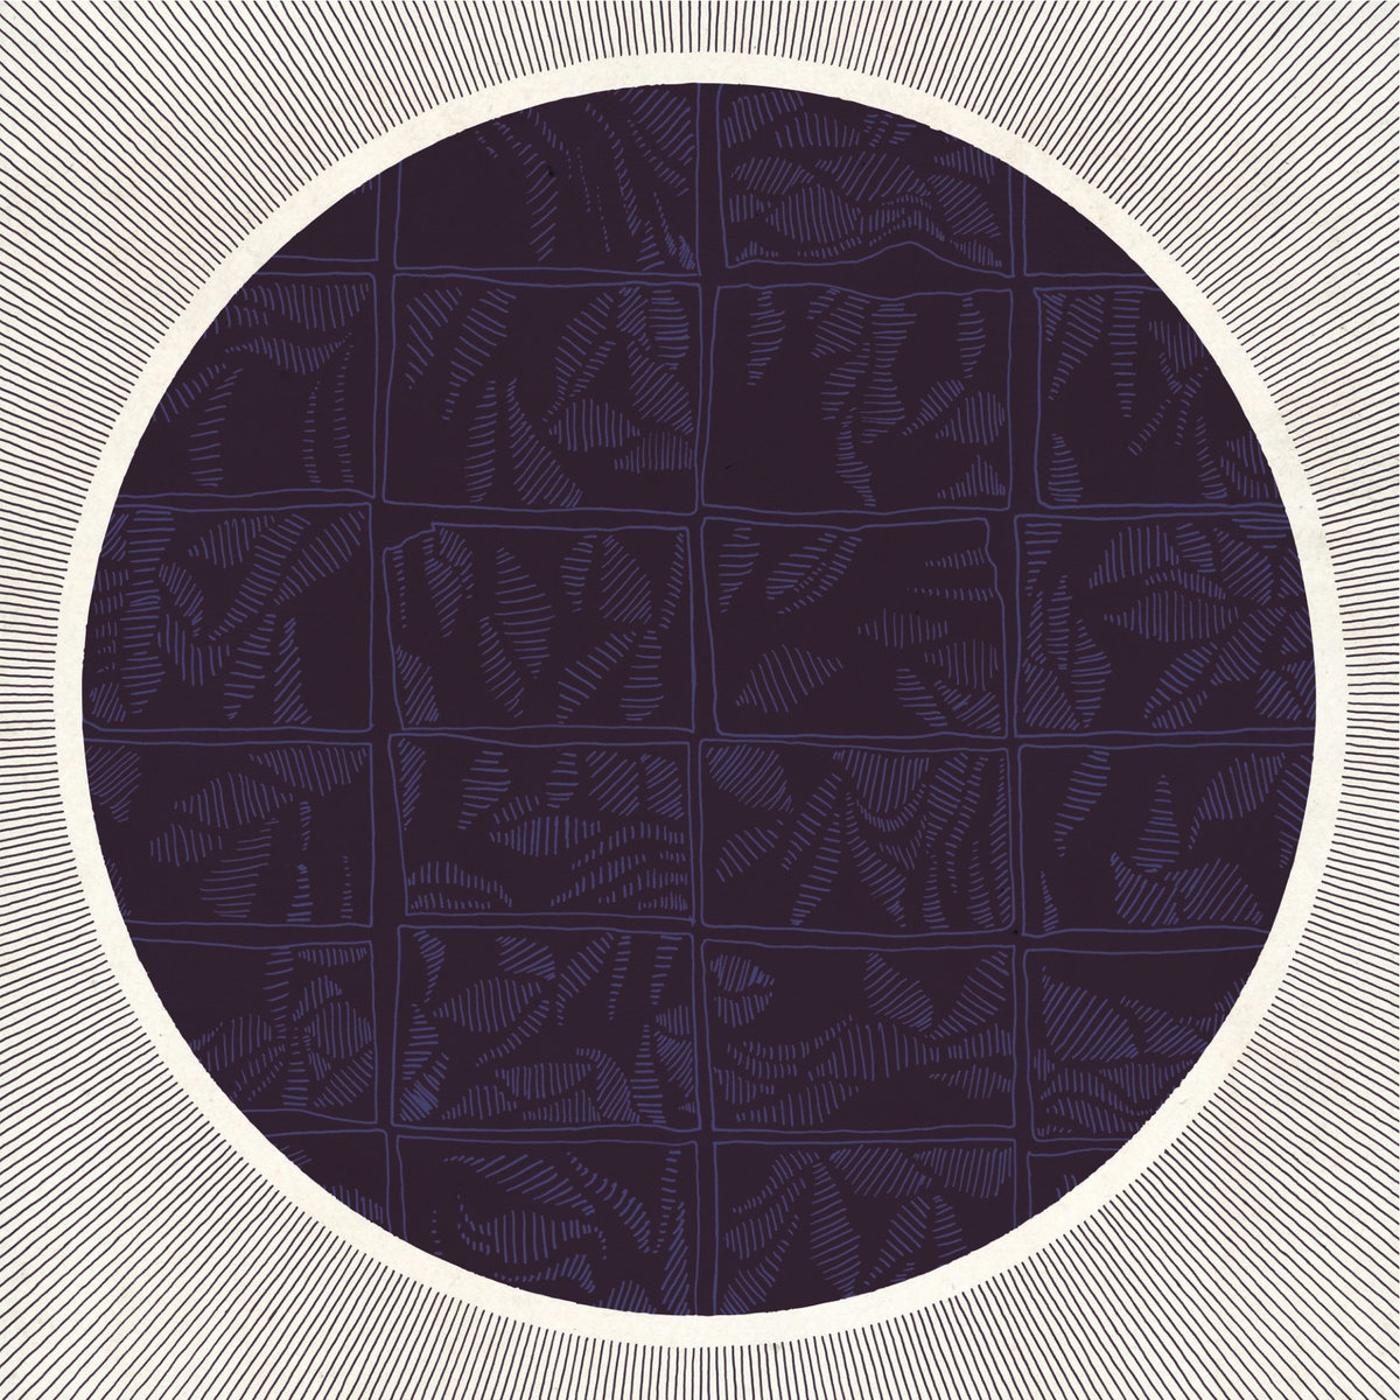 Glass Lip (Album Cover)